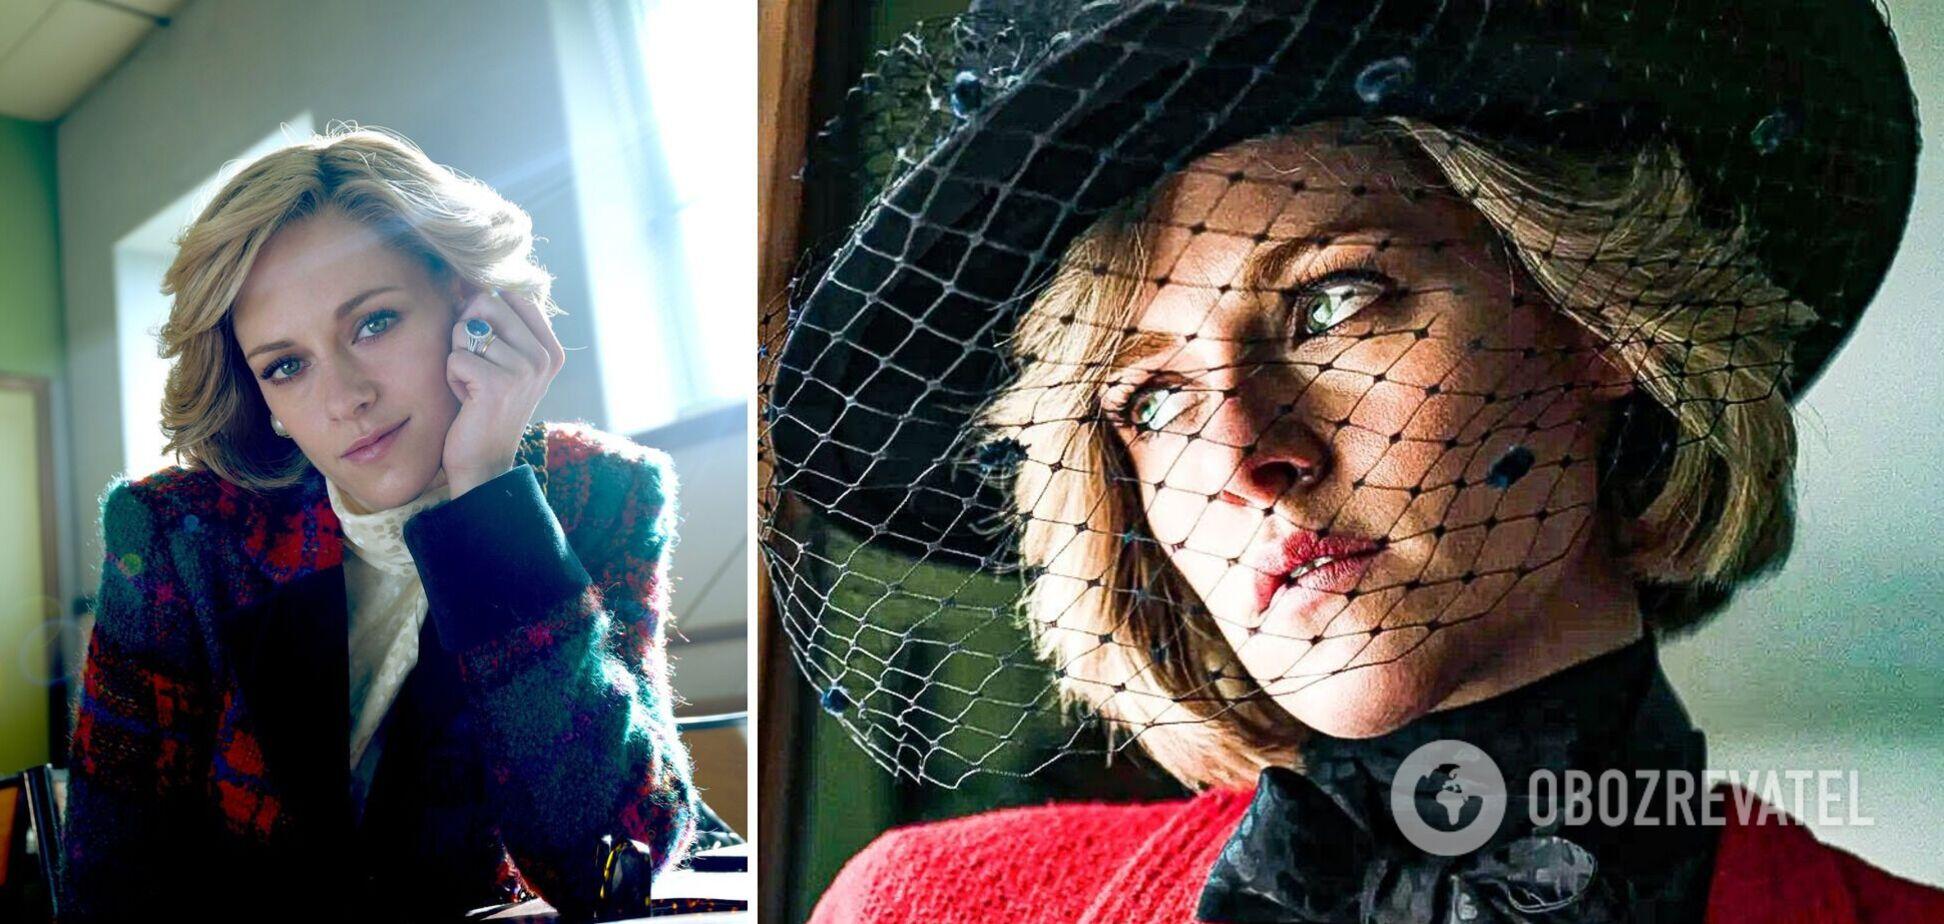 'Спенсер: Таємниця принцеси Діани': з'явився офіційний трейлер фільму з Крістен Стюарт